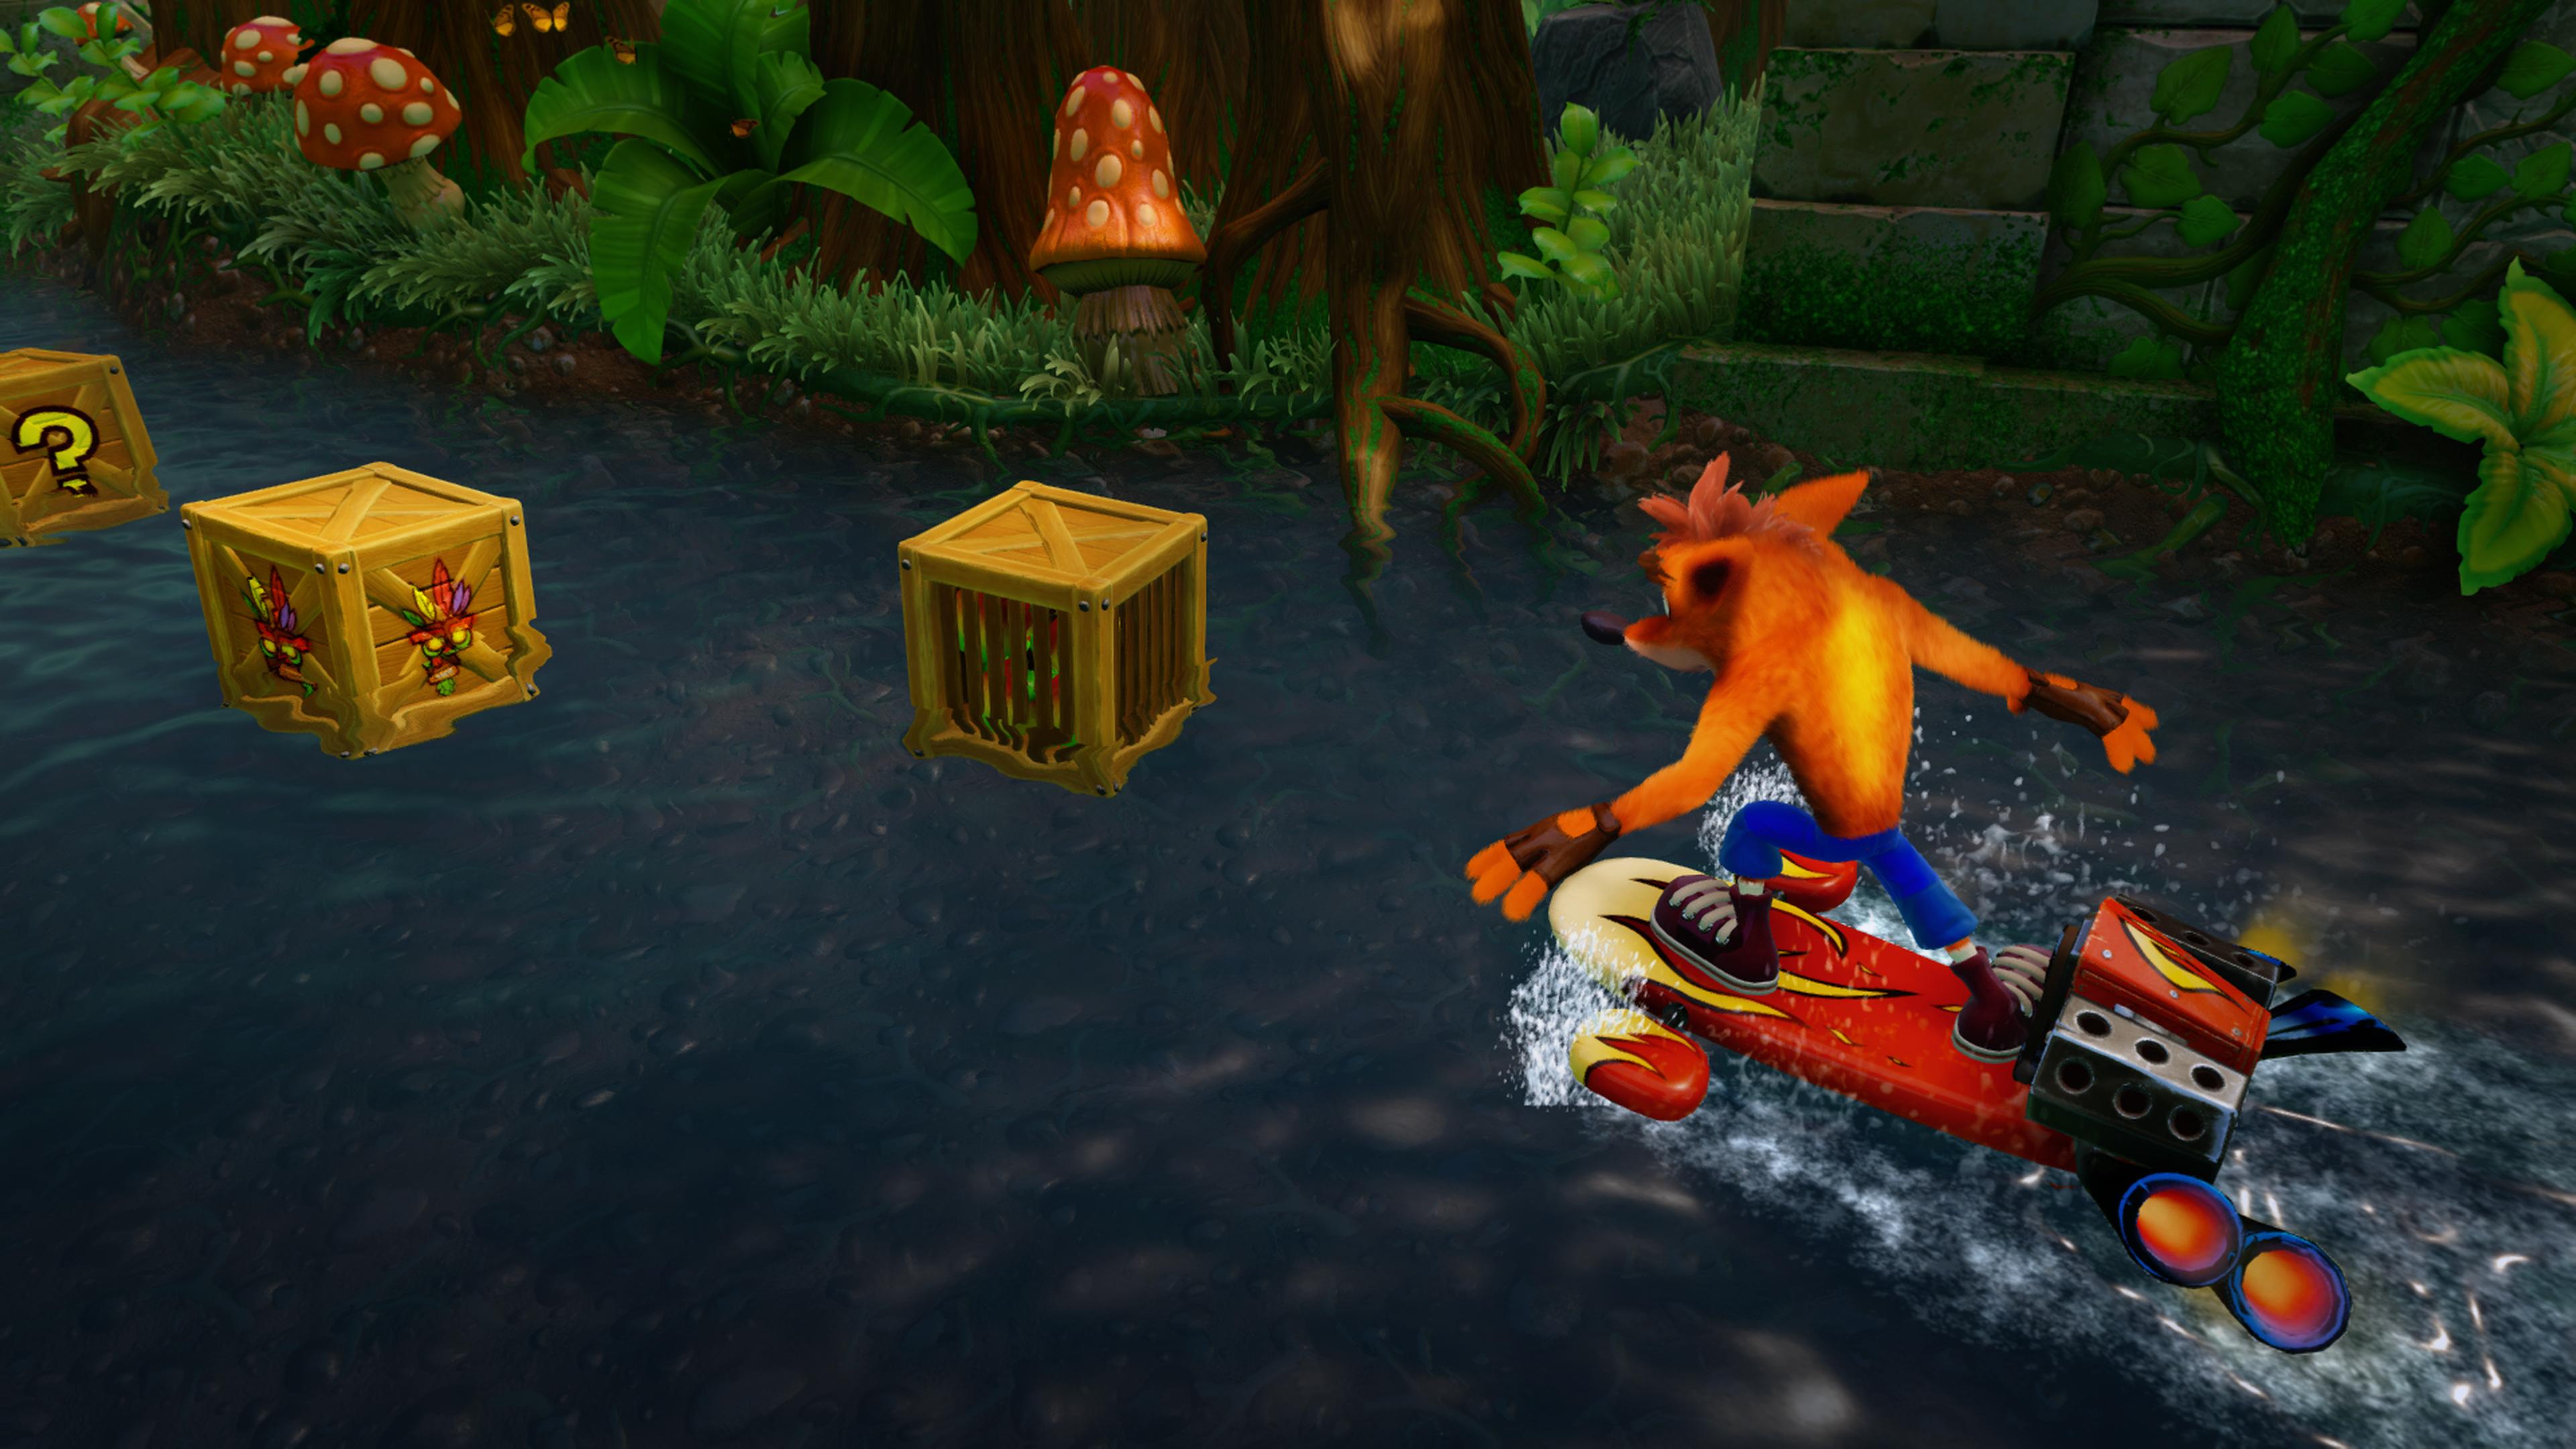 Crash Bandicoot N. Sane Trilogy - Crash Bandicoot N. Sane Trilogy 4K